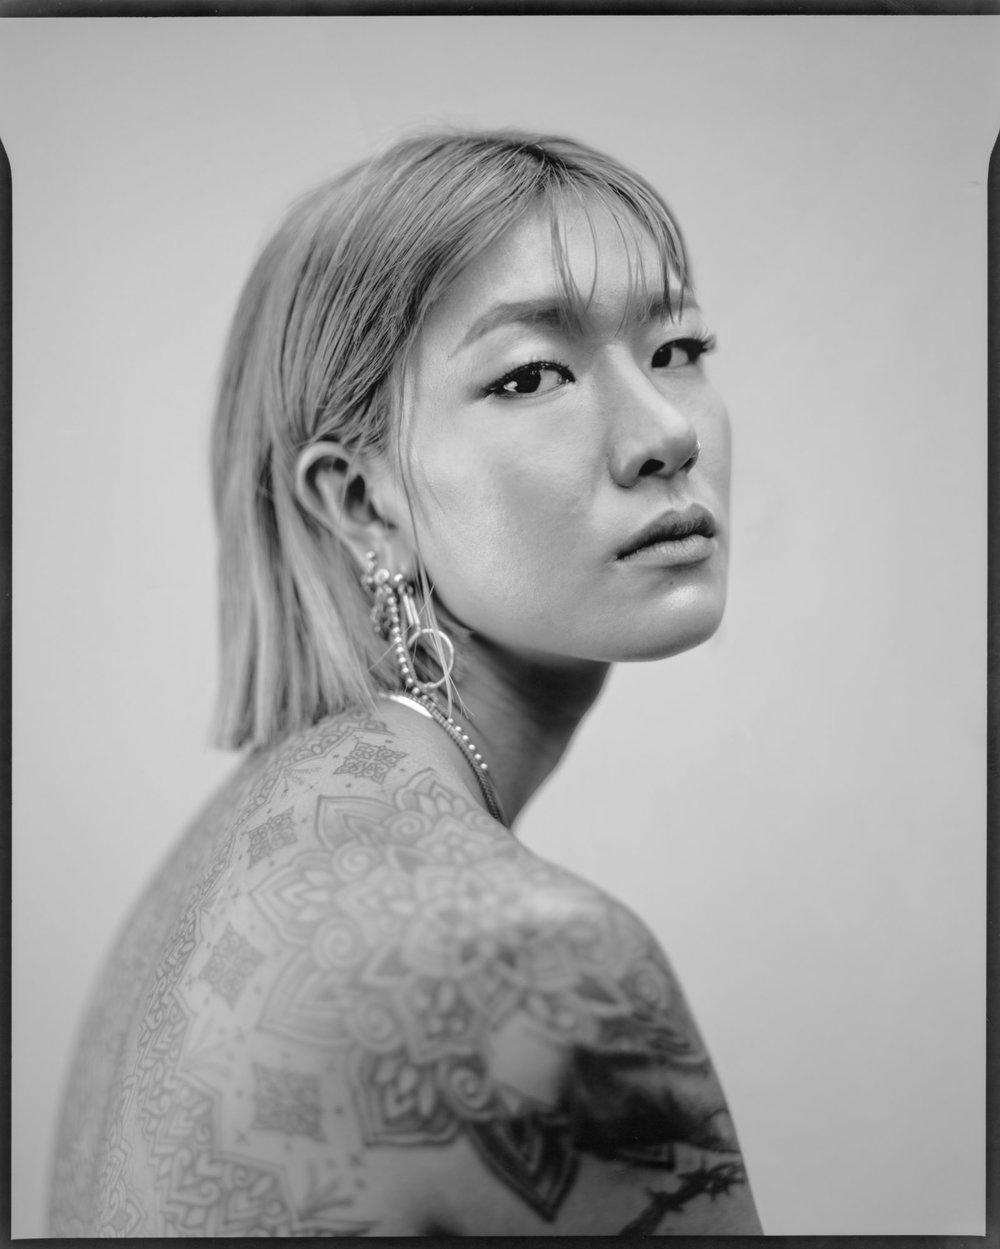 tattooist-korea-810063.jpg